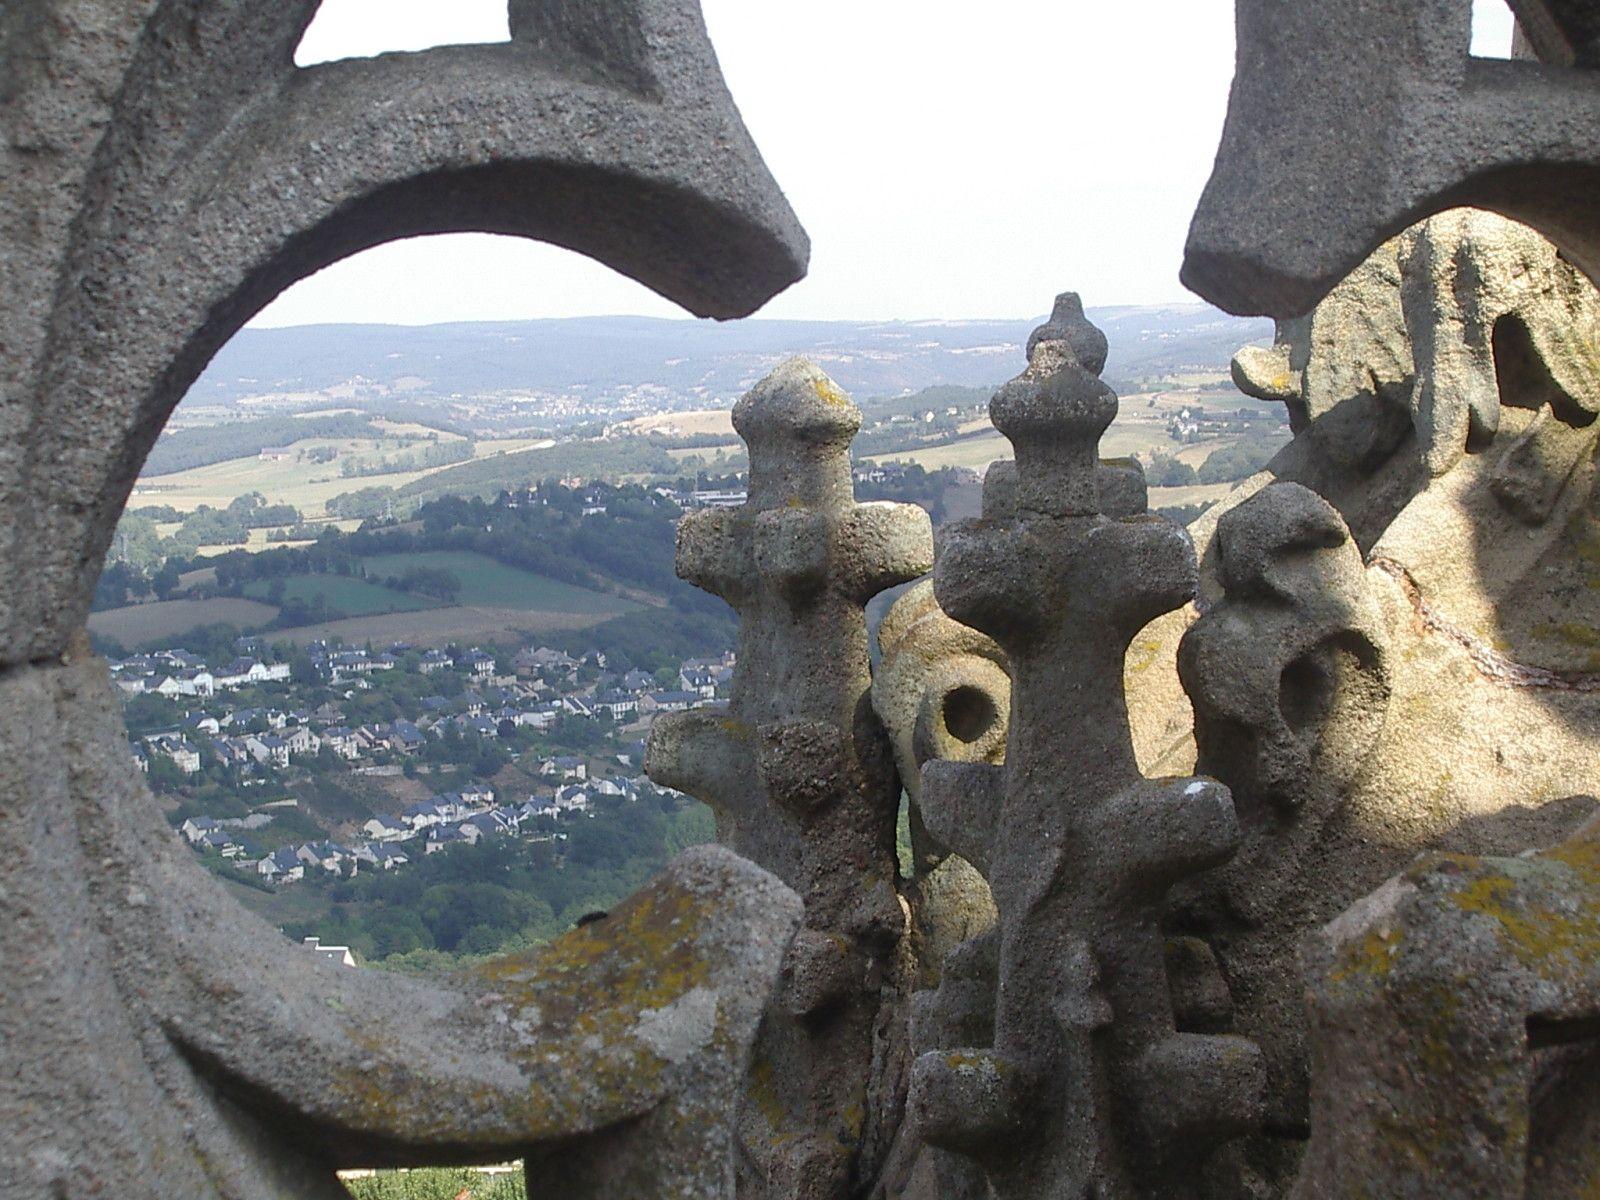 La Cathedrale De Rodez Aveyron Huitieme Merveille Du Monde